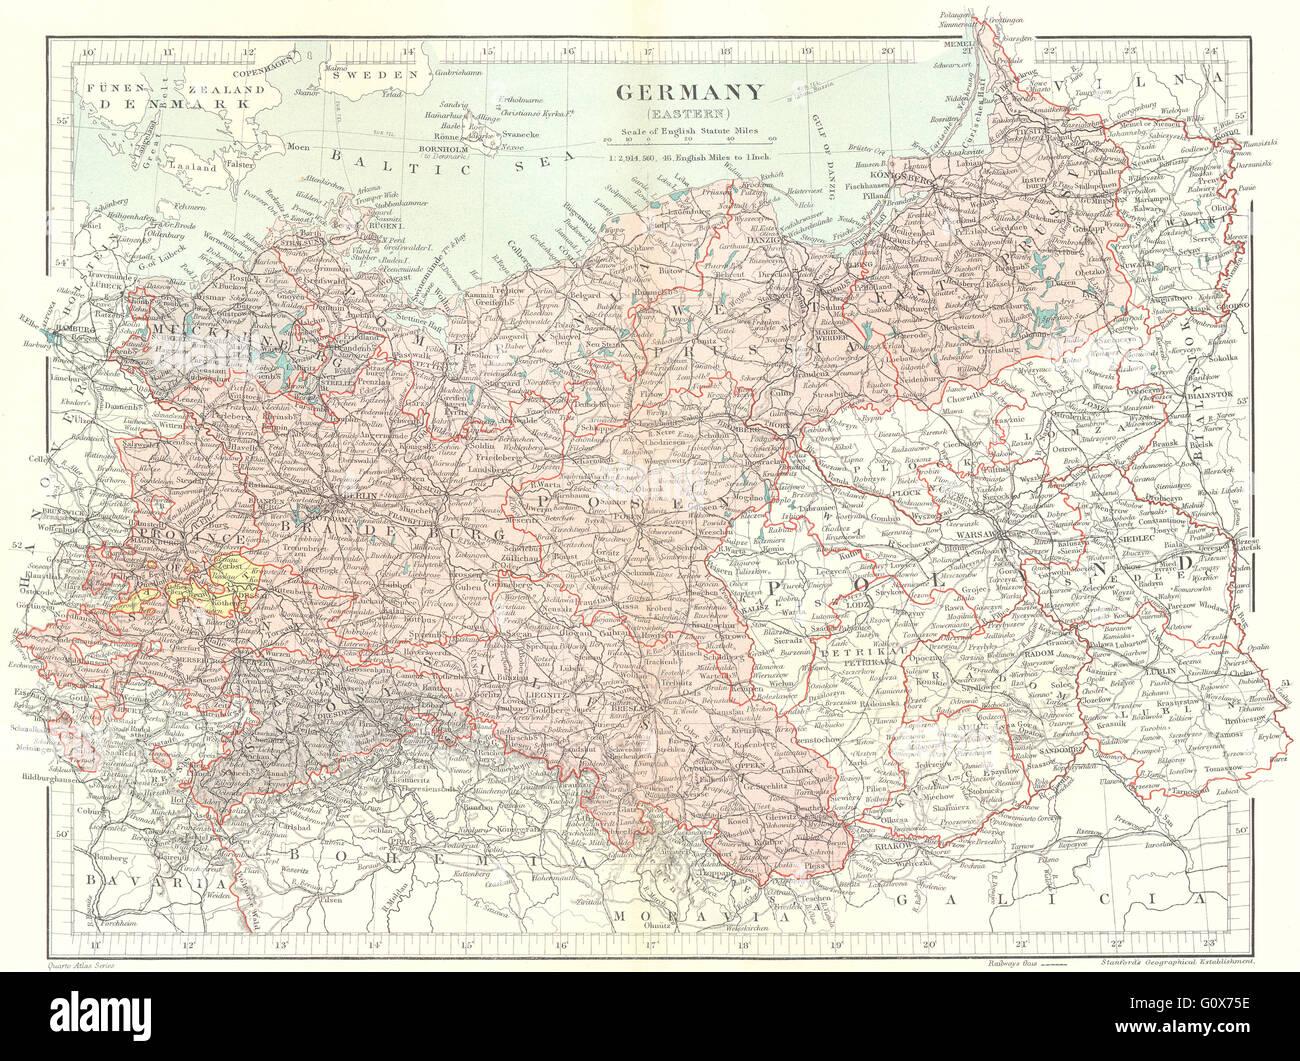 Karte Ostdeutschland.Ostdeutschland Preußen Brandenburg Pommern Sachsen Polen Stanford